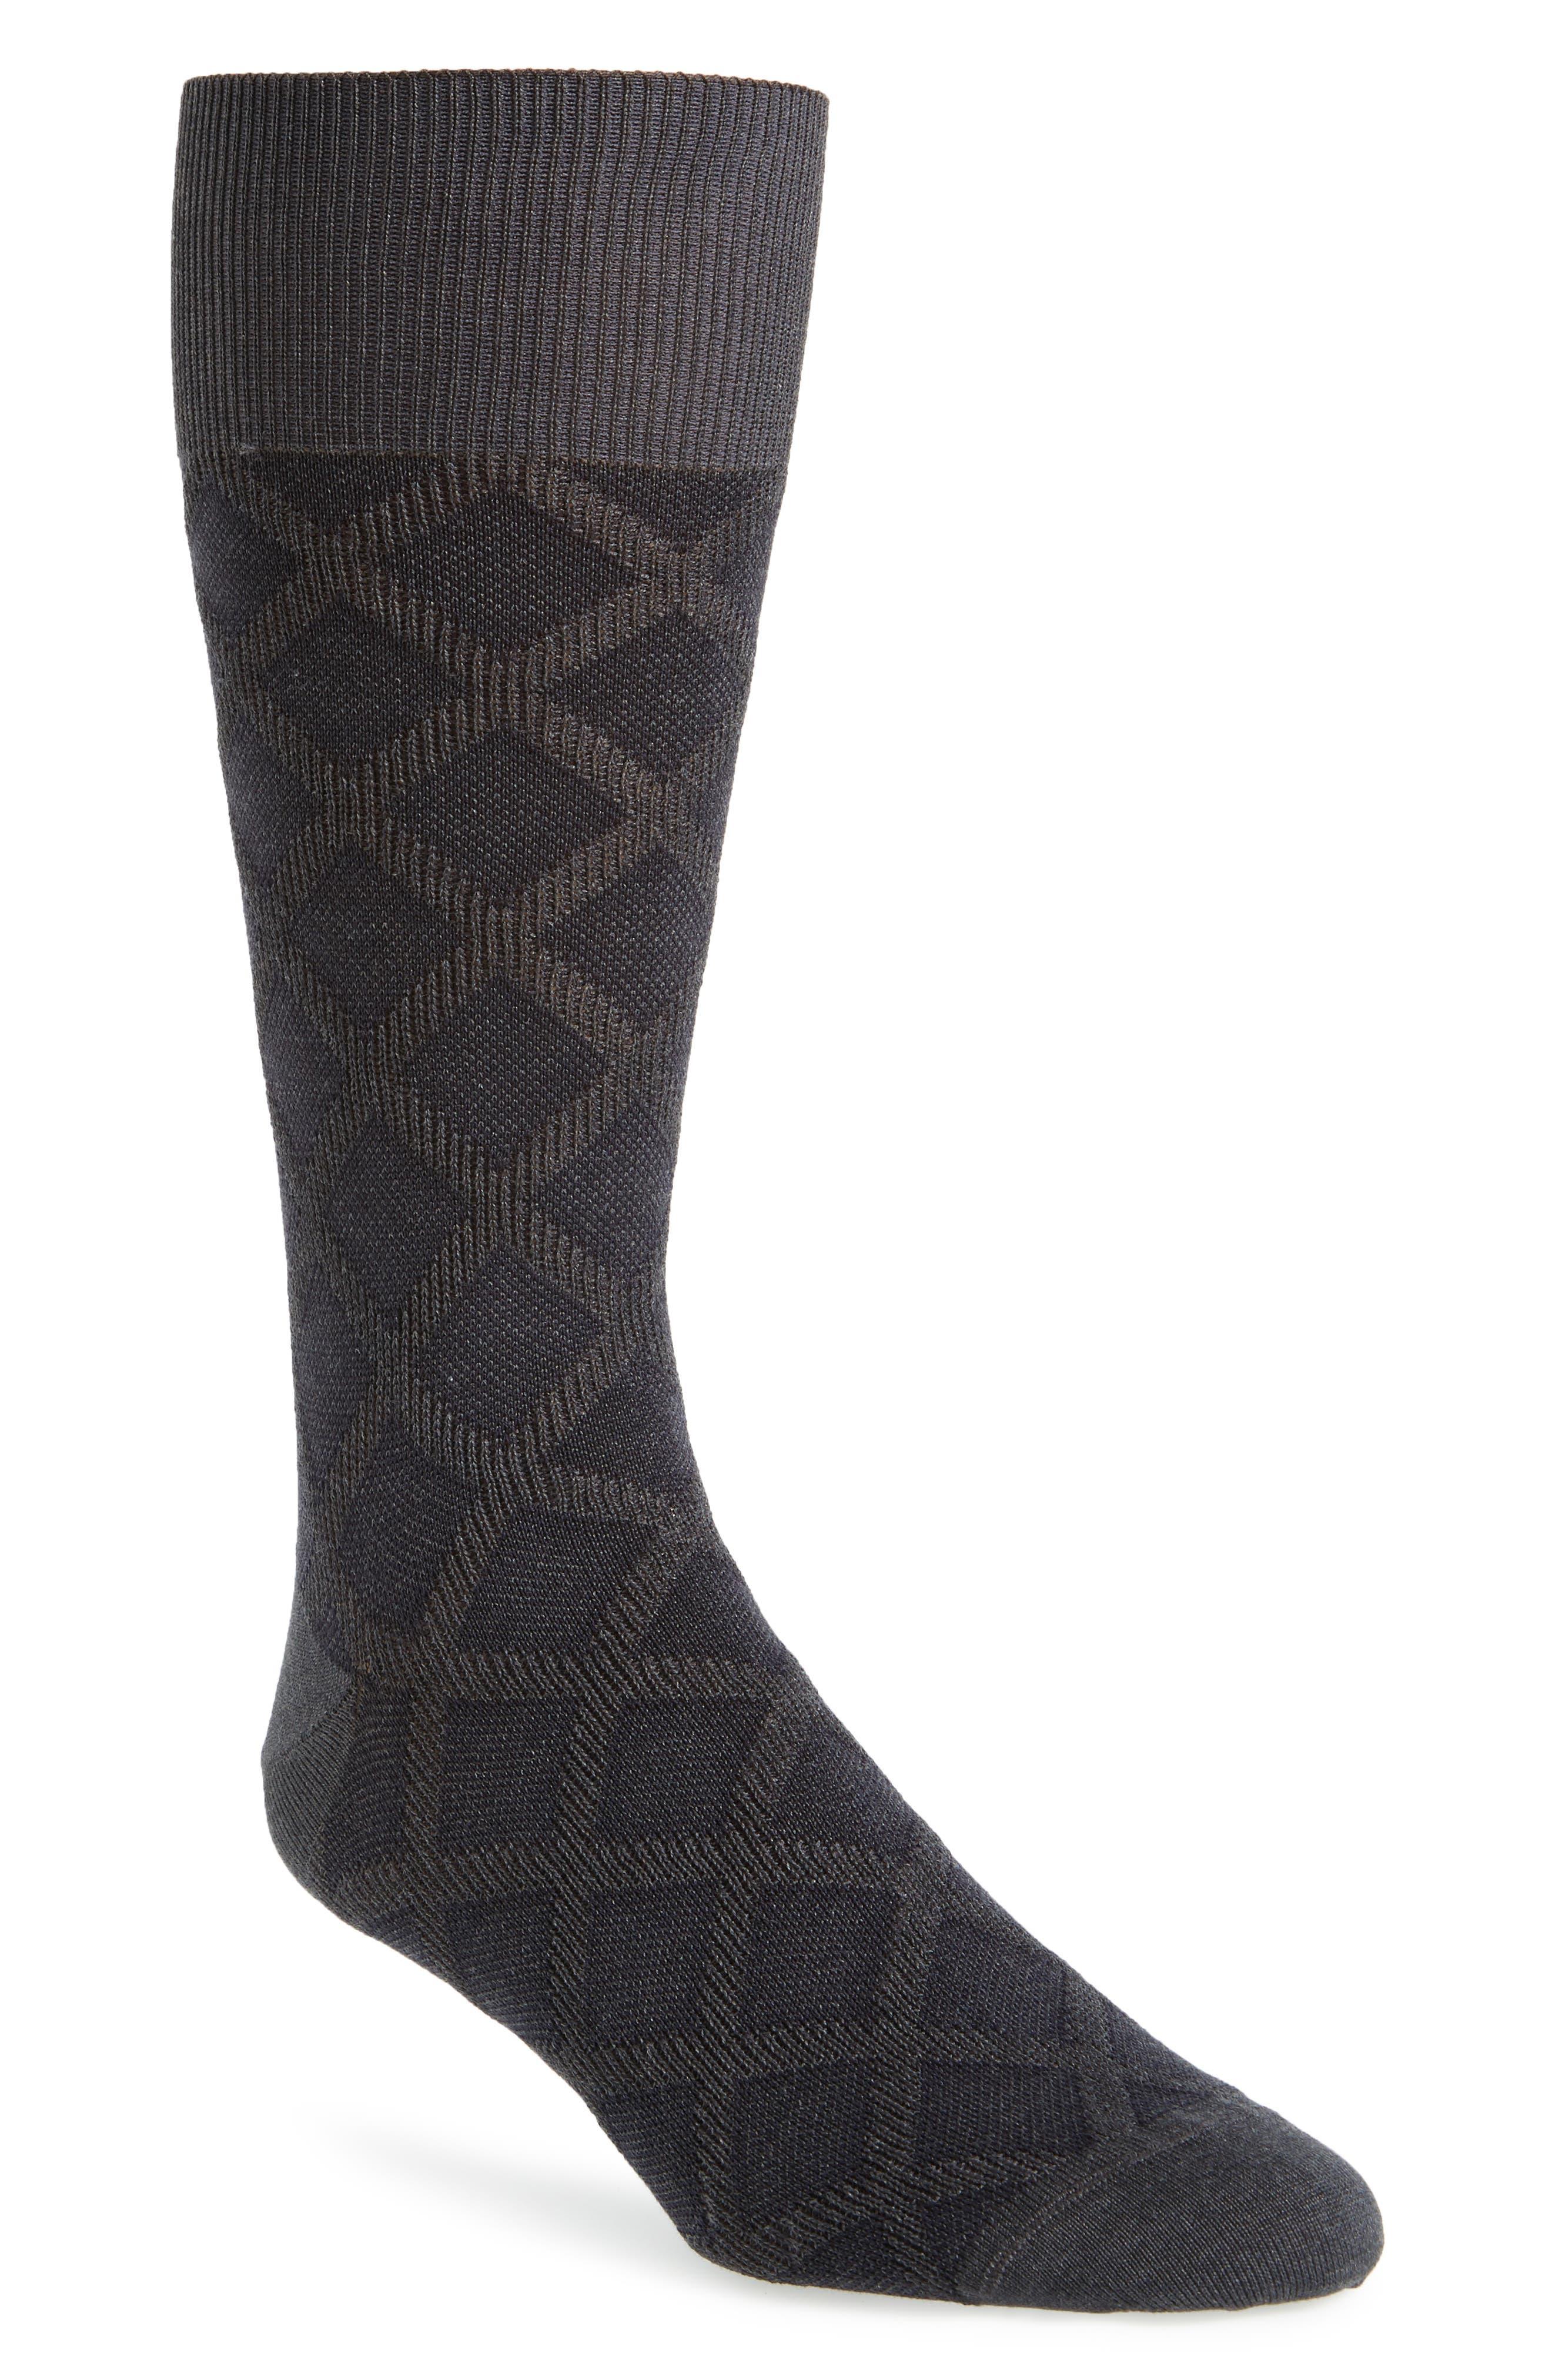 Alternate Image 1 Selected - John W. Nordstrom® Argyle Socks